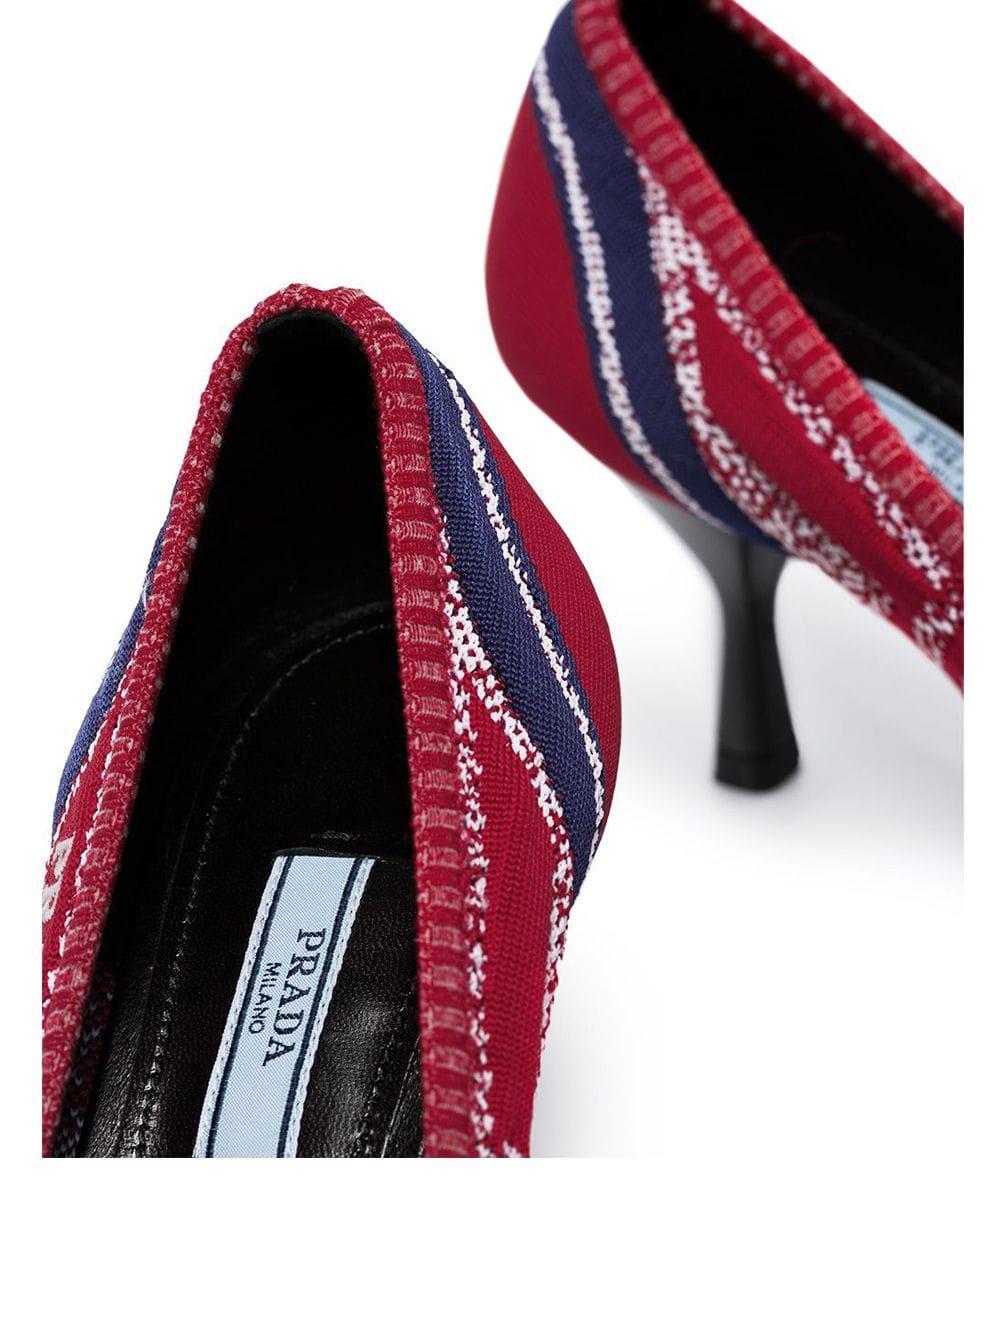 Zapatos de Tacón de Salón Prada de Cuero de color Rojo